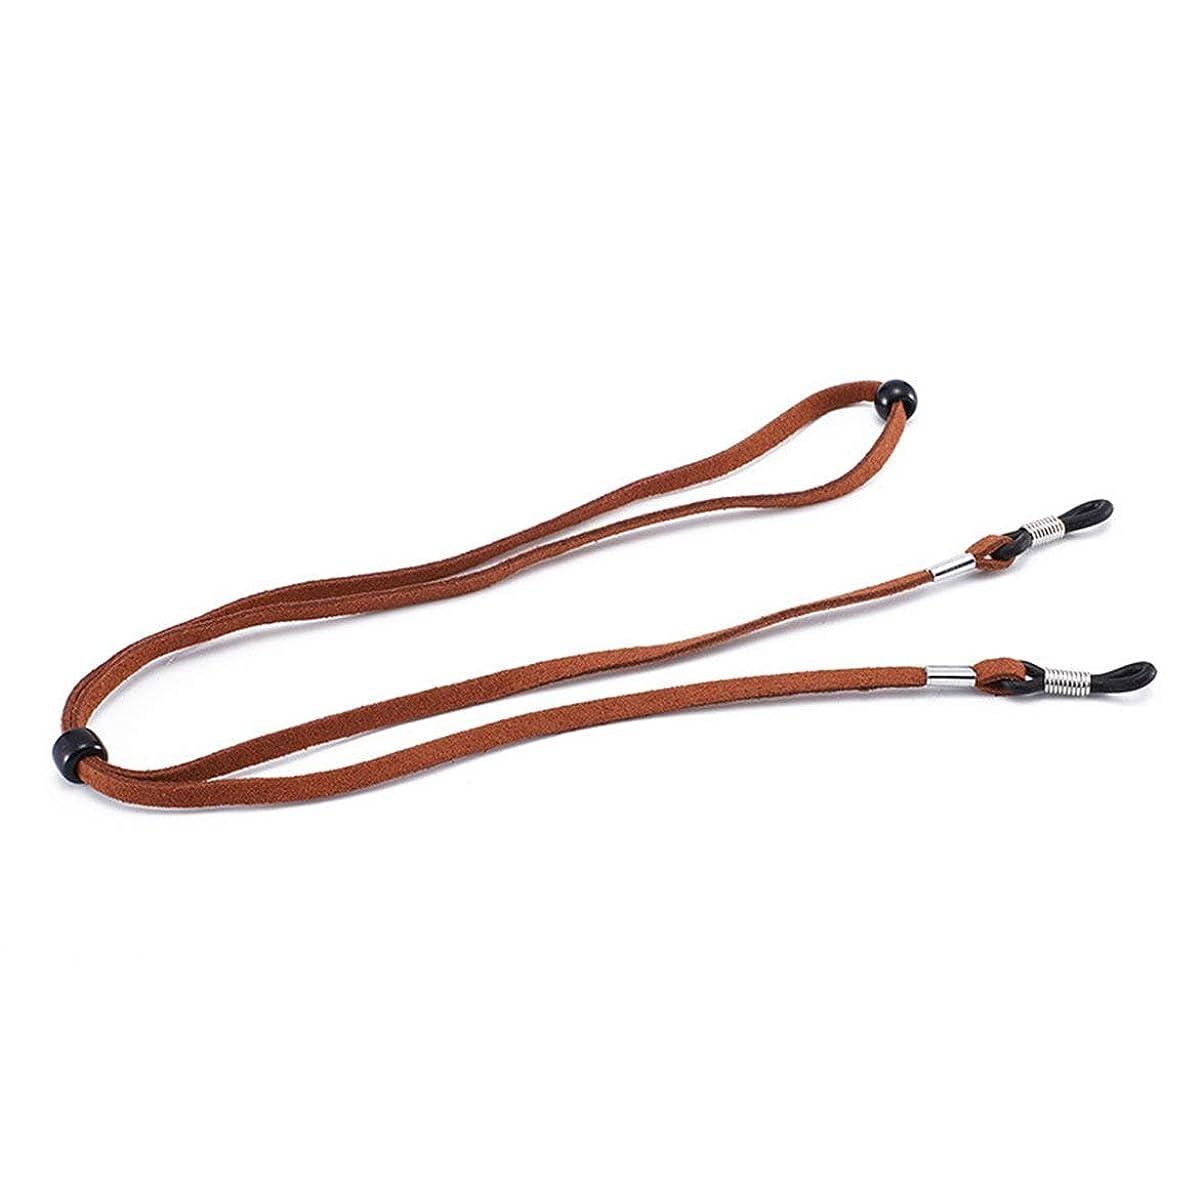 ナチュラル署名少ないメガネストラップネックコード調整可能なサングラスメガネロープストラップホルダーアンチスリップストラップアイウェアアクセサリーC097-ライトブラウン